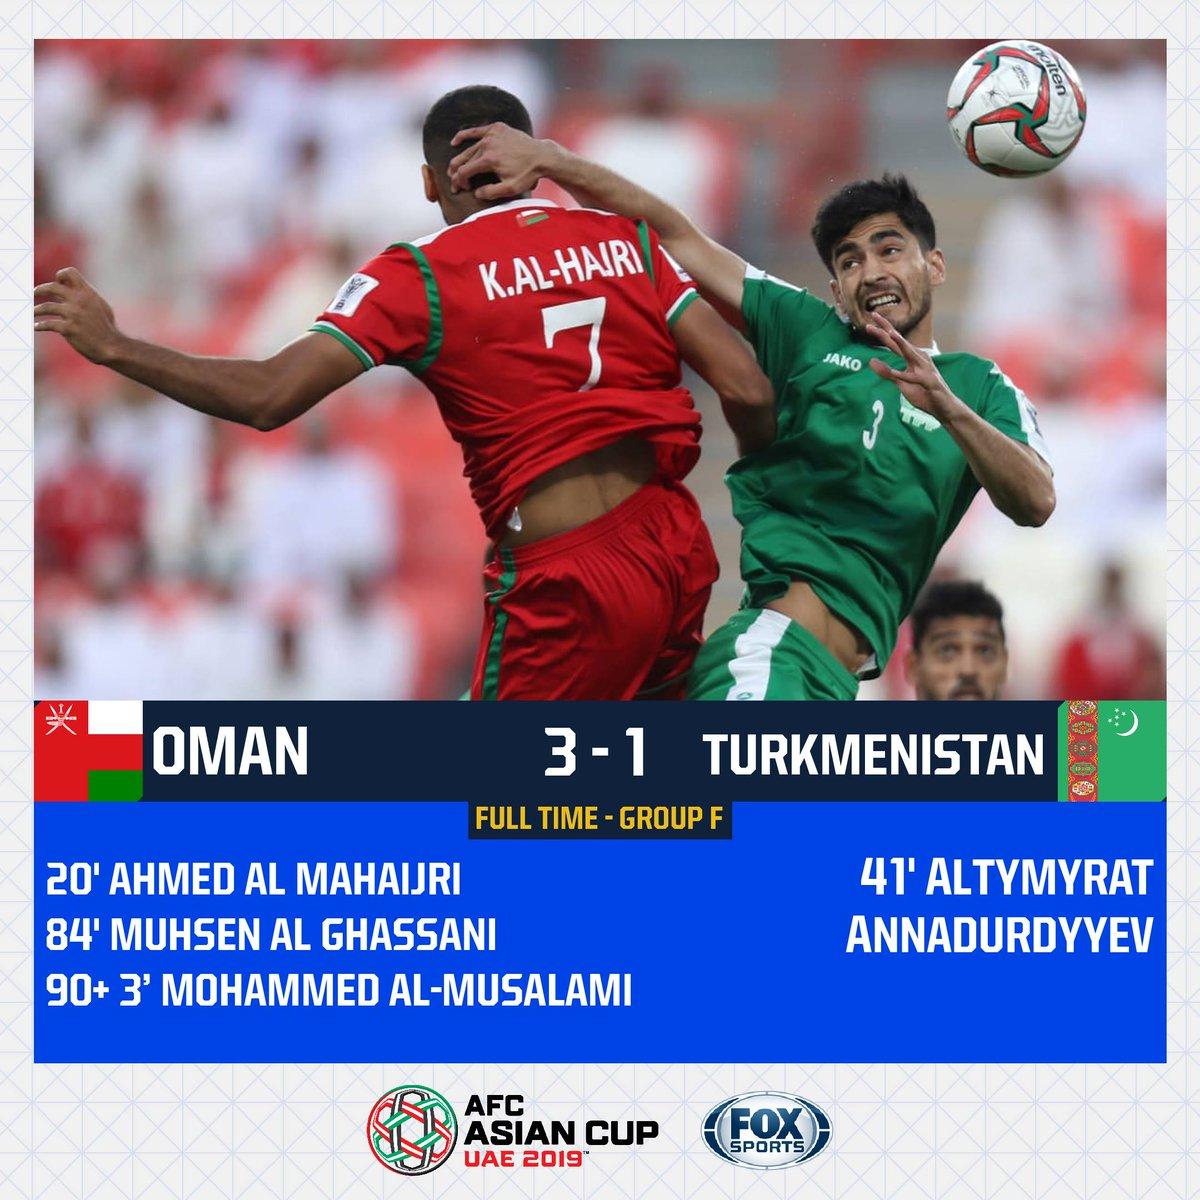 Video: Oman vs Turkmenistan